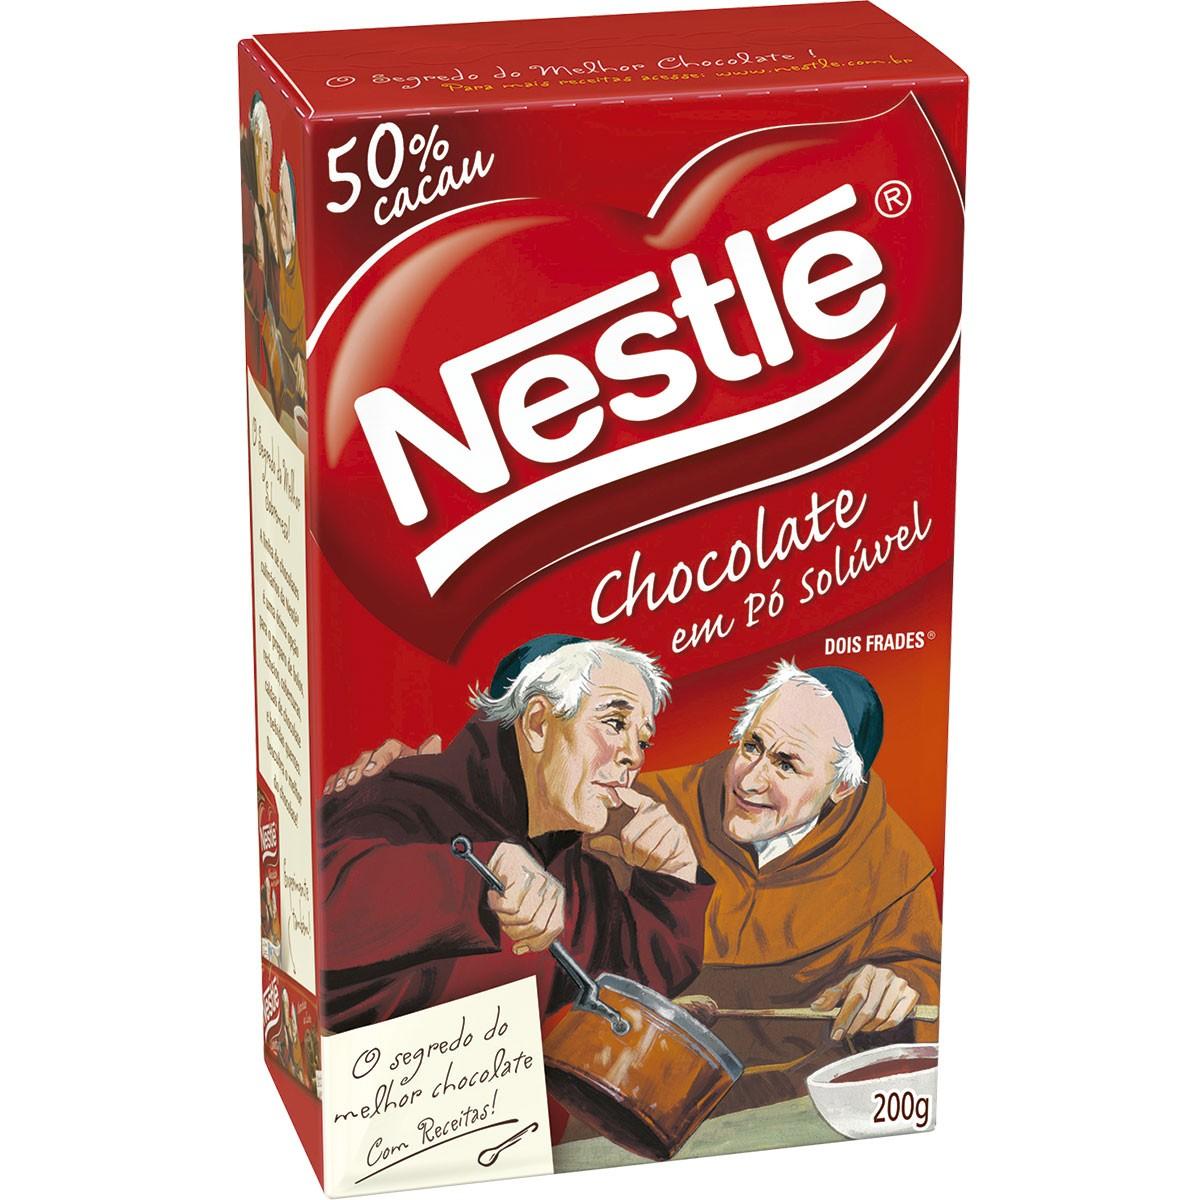 Chocolate em Pó Solúvel Nestlé Dois Frades 200g